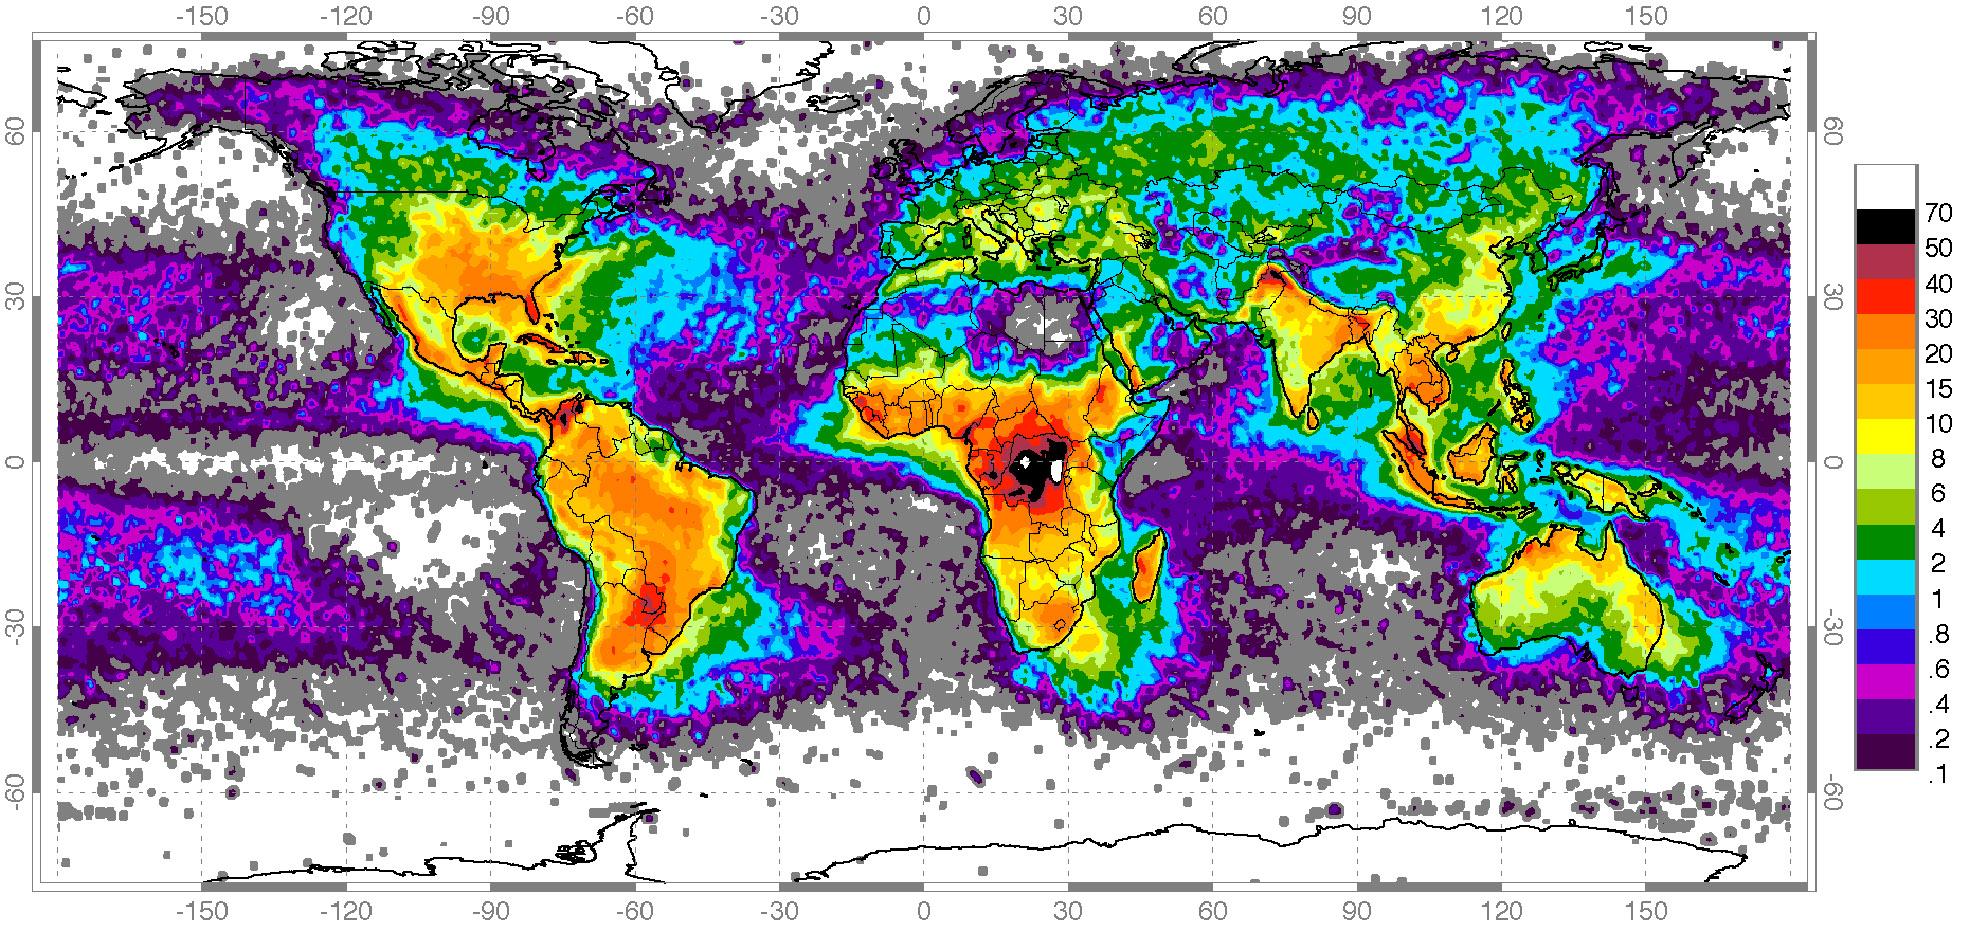 Częstotliwość wyładowań atmosferycznych na Ziemi na podstawie danych satelitarnych NASA zebranych w latach 1995-2003 [liczba wyładowań/km2/rok]. - Wikimedia Commons / Wiedza i Życie.